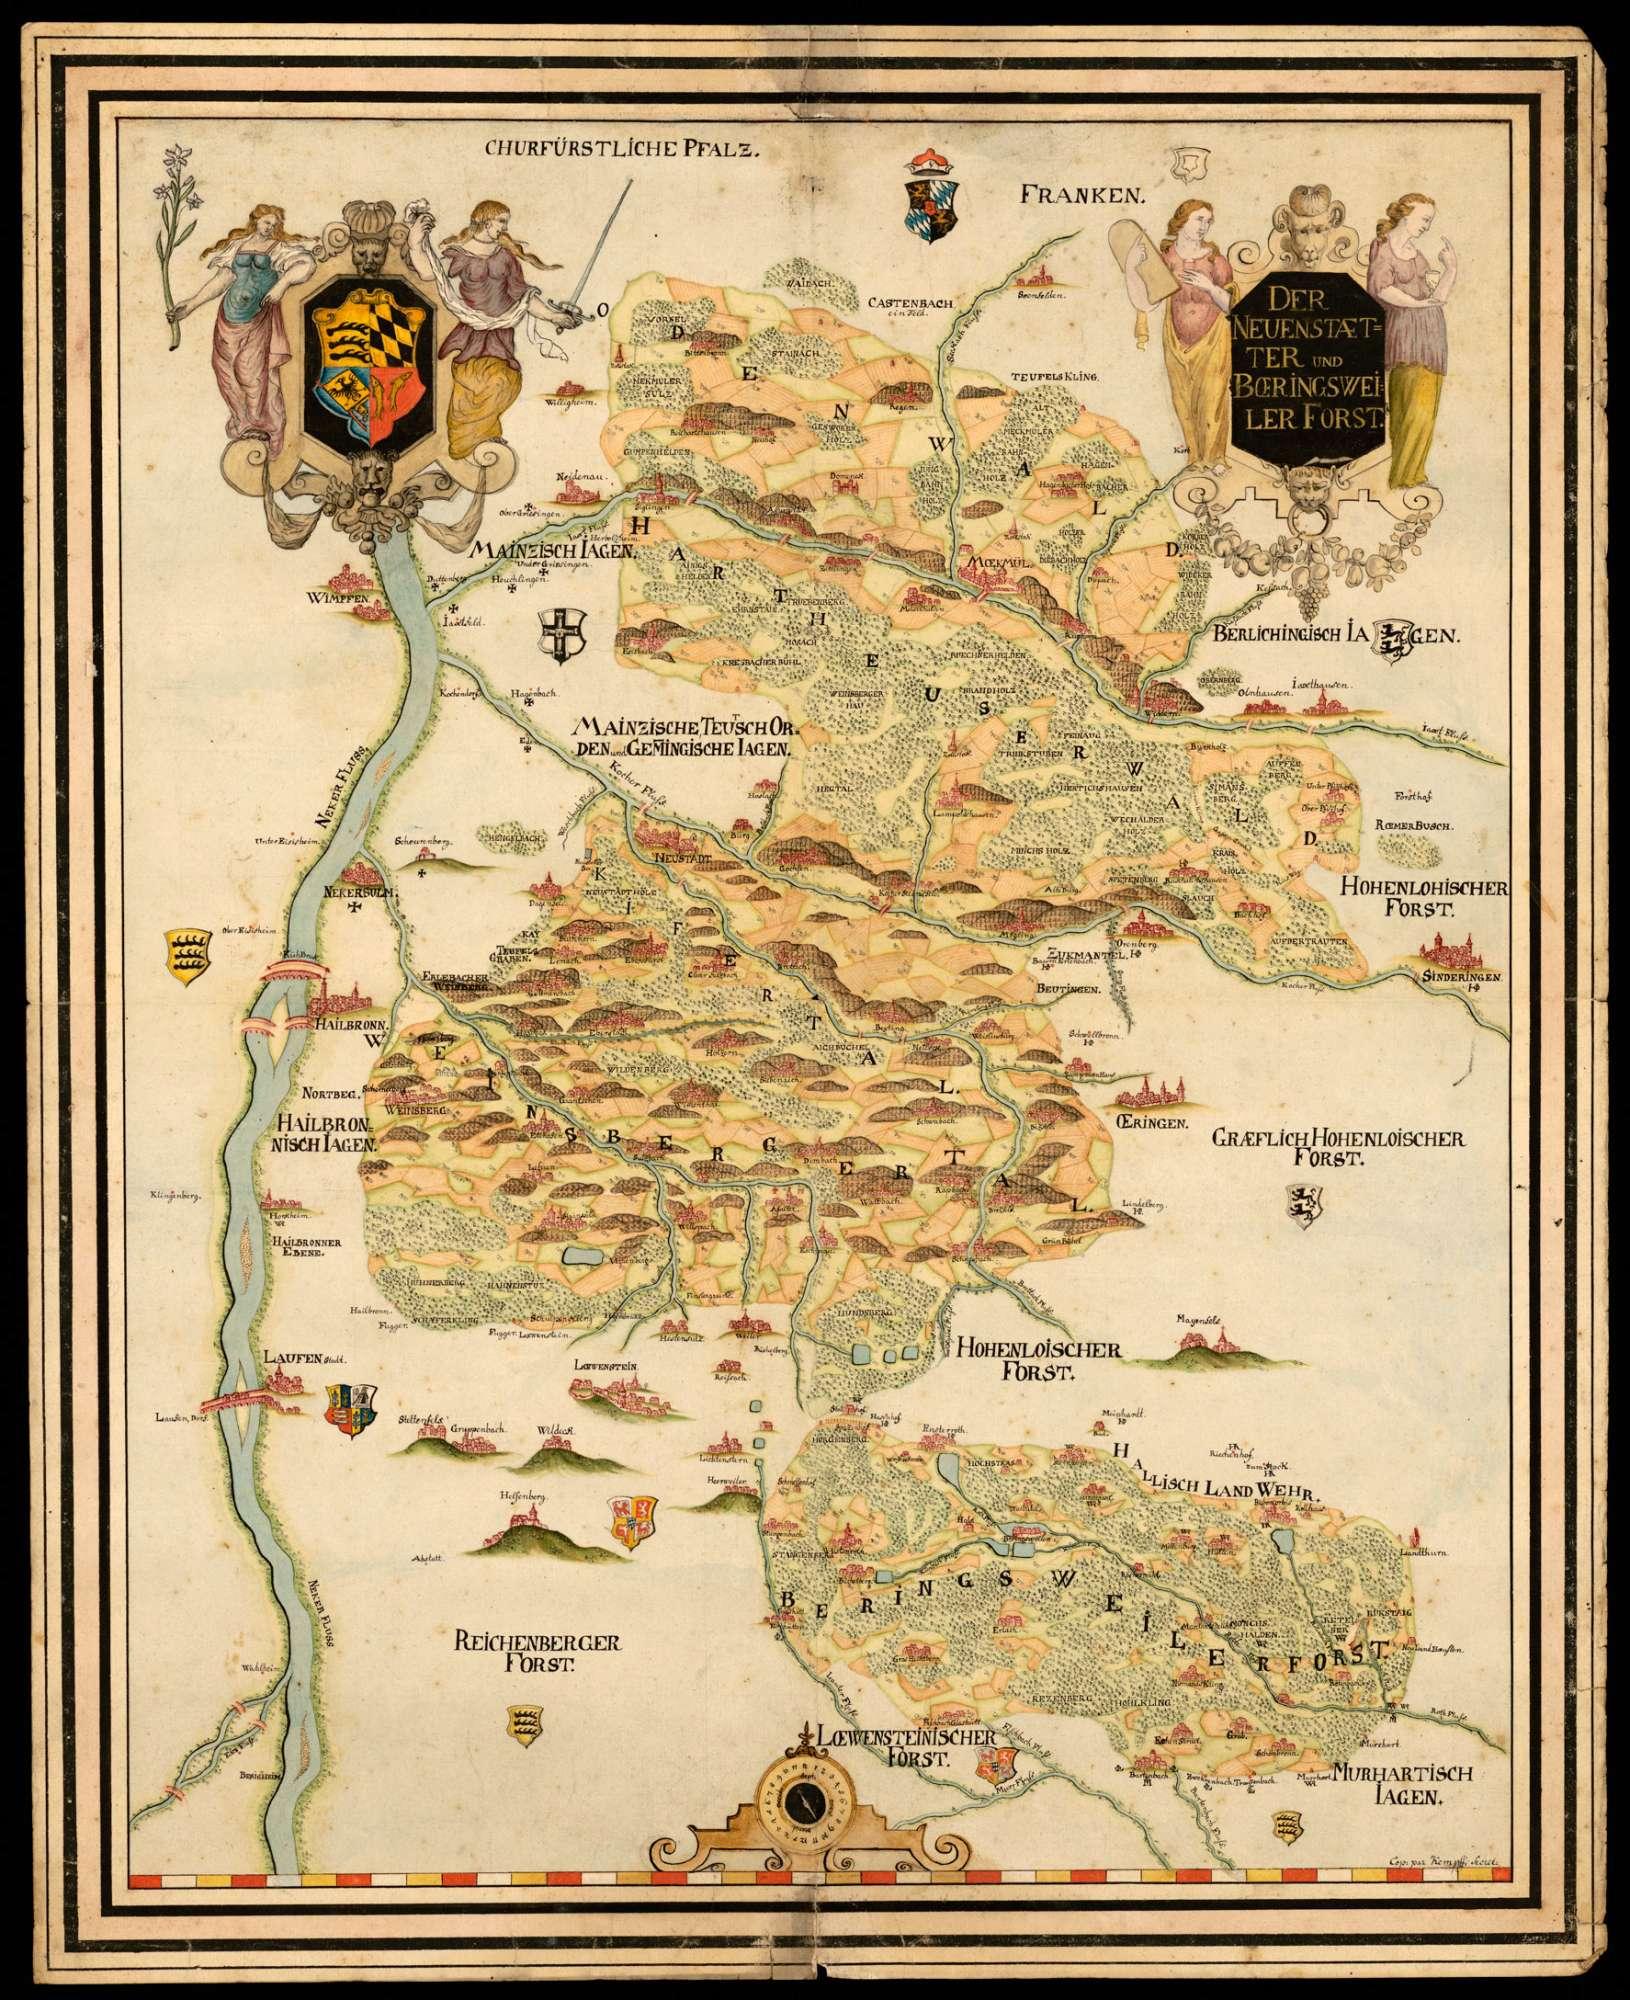 """""""Der Neuenstädter und Böhringsweiler Forst"""" [Generalkarte No. 1], Bild 1"""